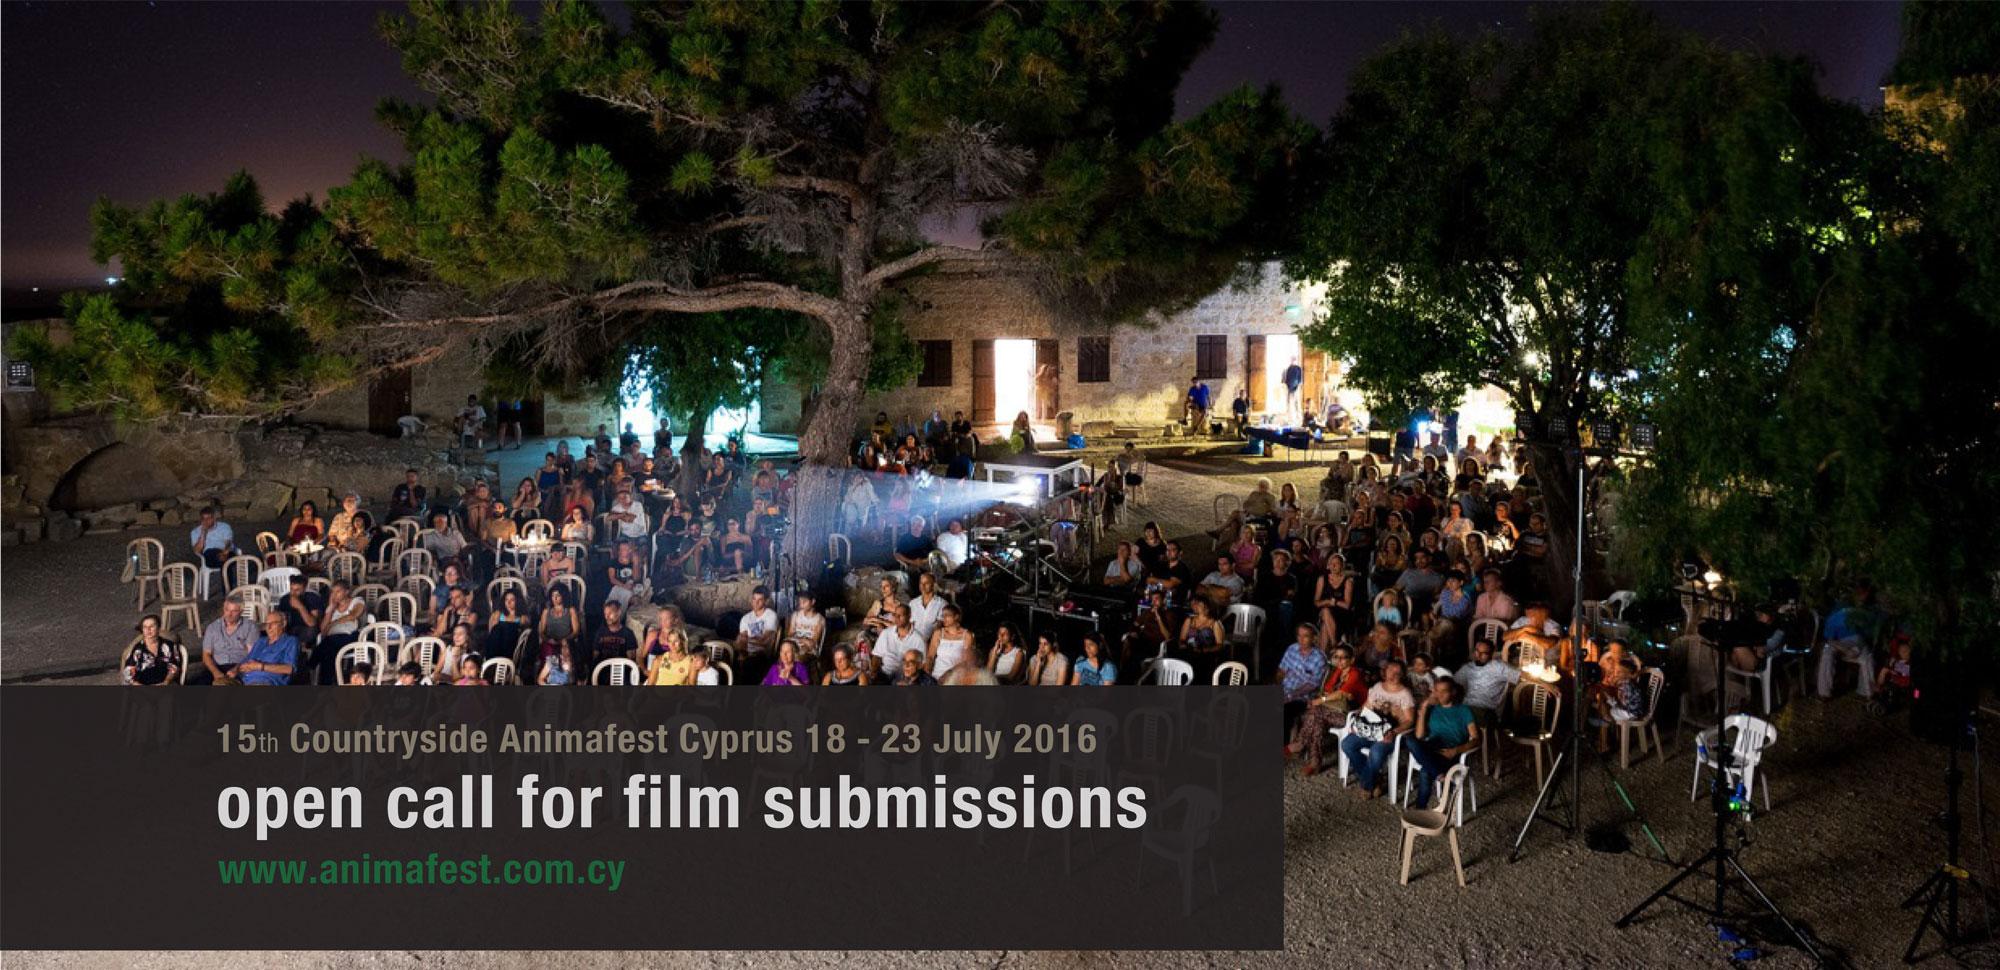 Έναρξη υποβολής αιτήσεων Κυπριακών ταινιών Animation για το 15o Διεθνές Φεστιβάλ του Σινεμά Animation Όψεις του Κόσμου